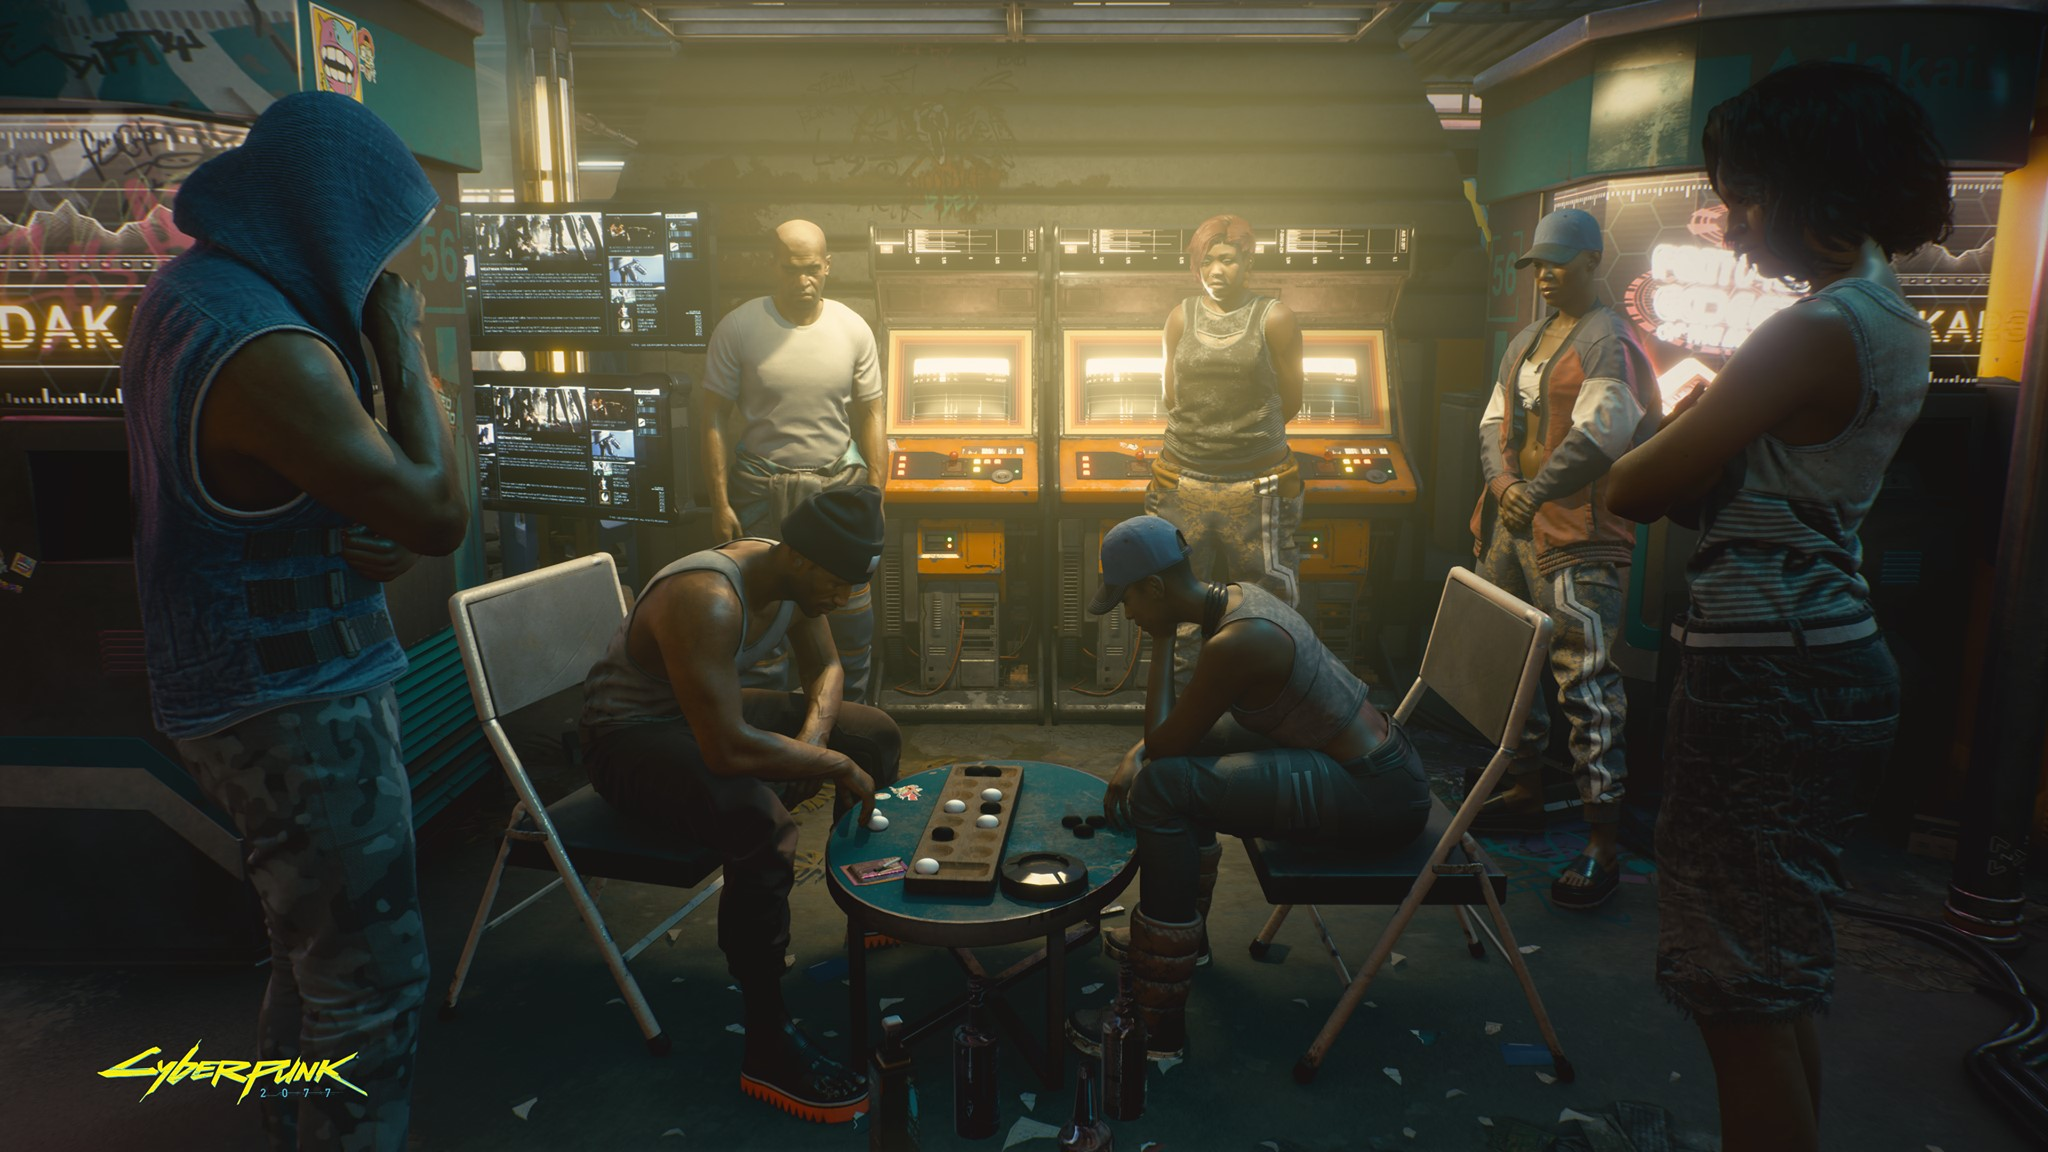 《赛博朋克2077》当前重点是开发单人战役 多人模式尚在调研中